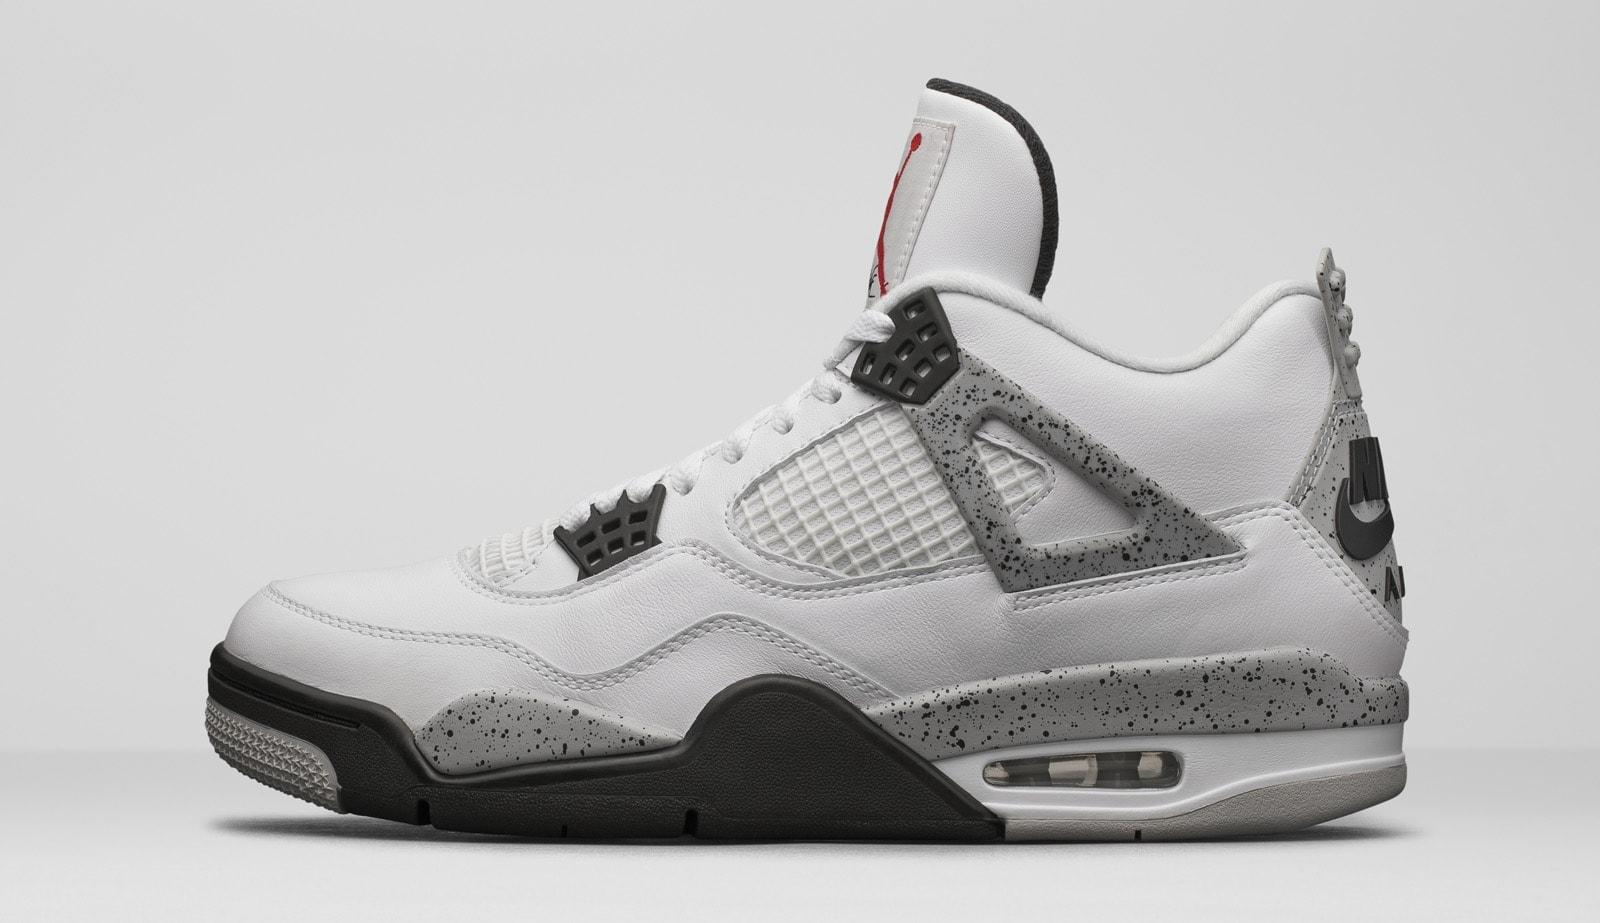 6b6cd033912e83 Air Jordan 4